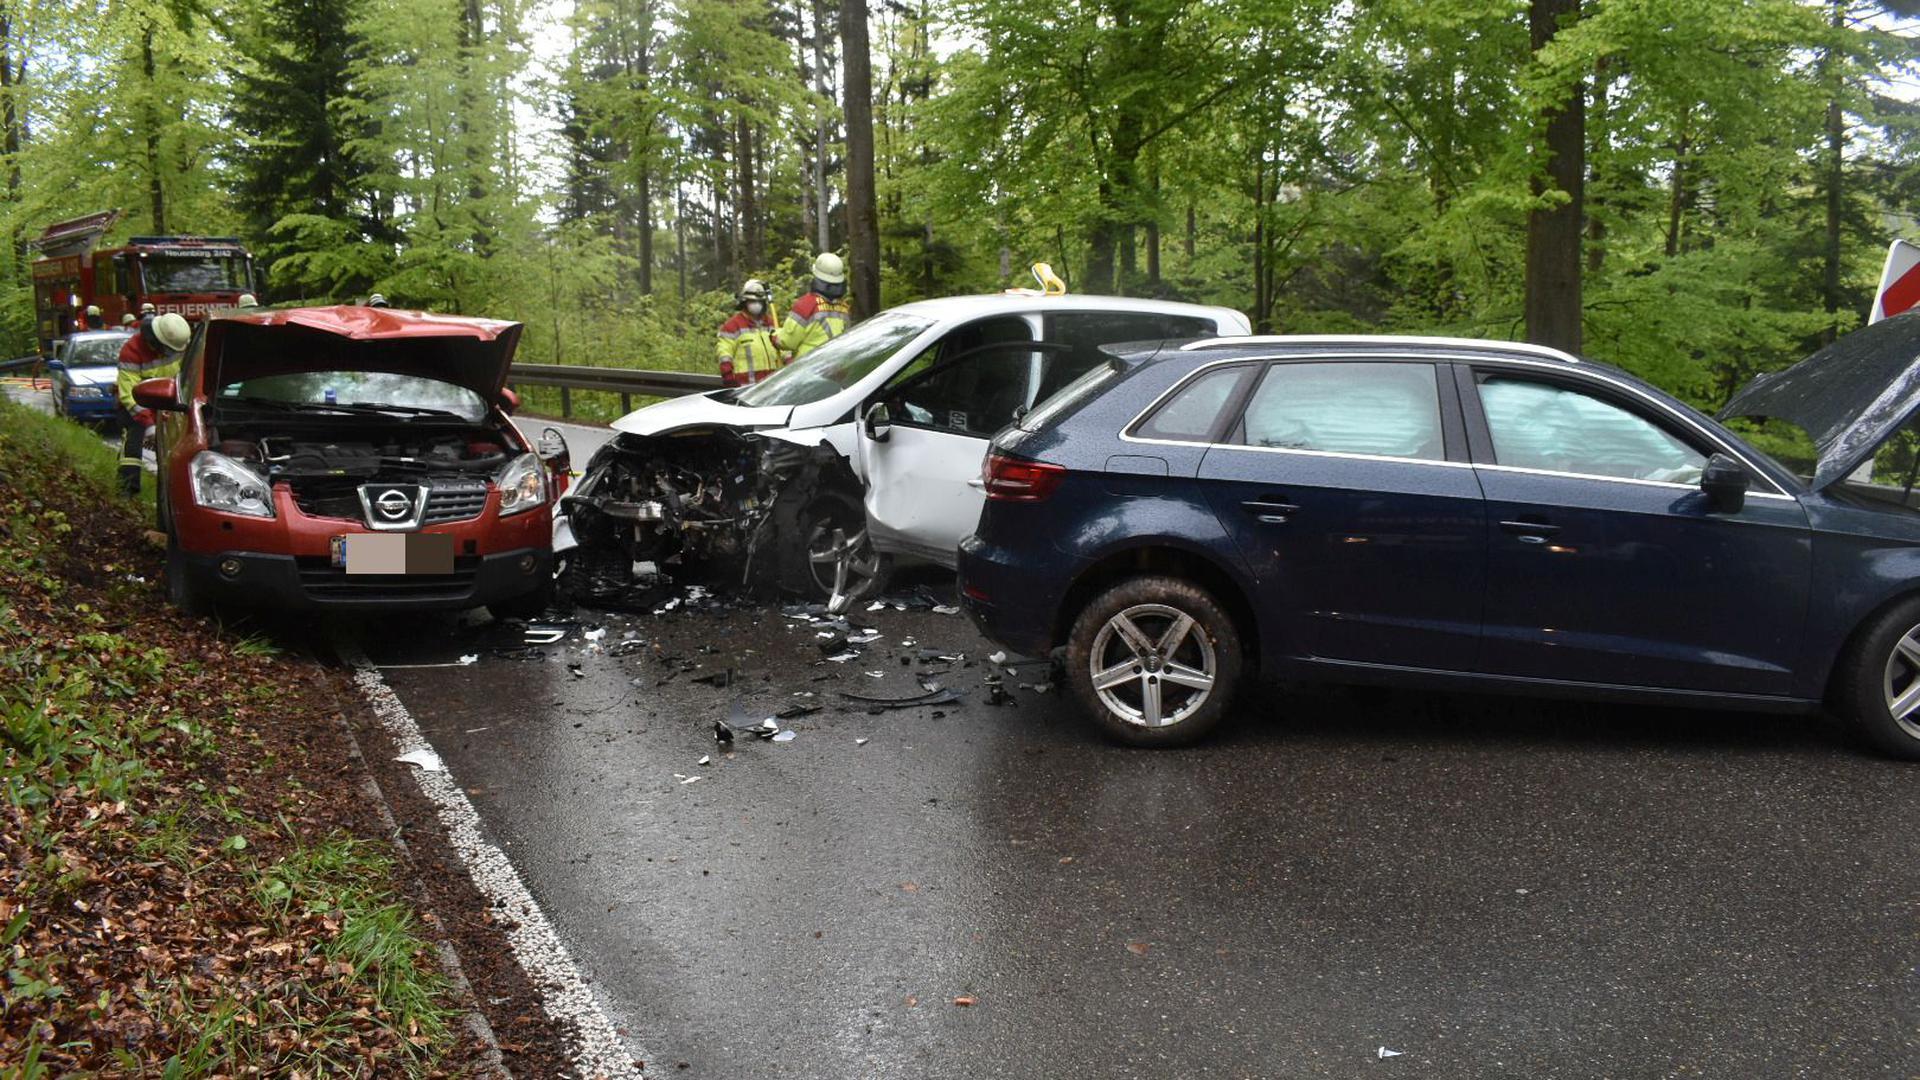 Bild der Zerstörung: Drei Autofahrer krachten am Montagnachmittag zwischen Schwann und der Eyachbrücke aufeinander.